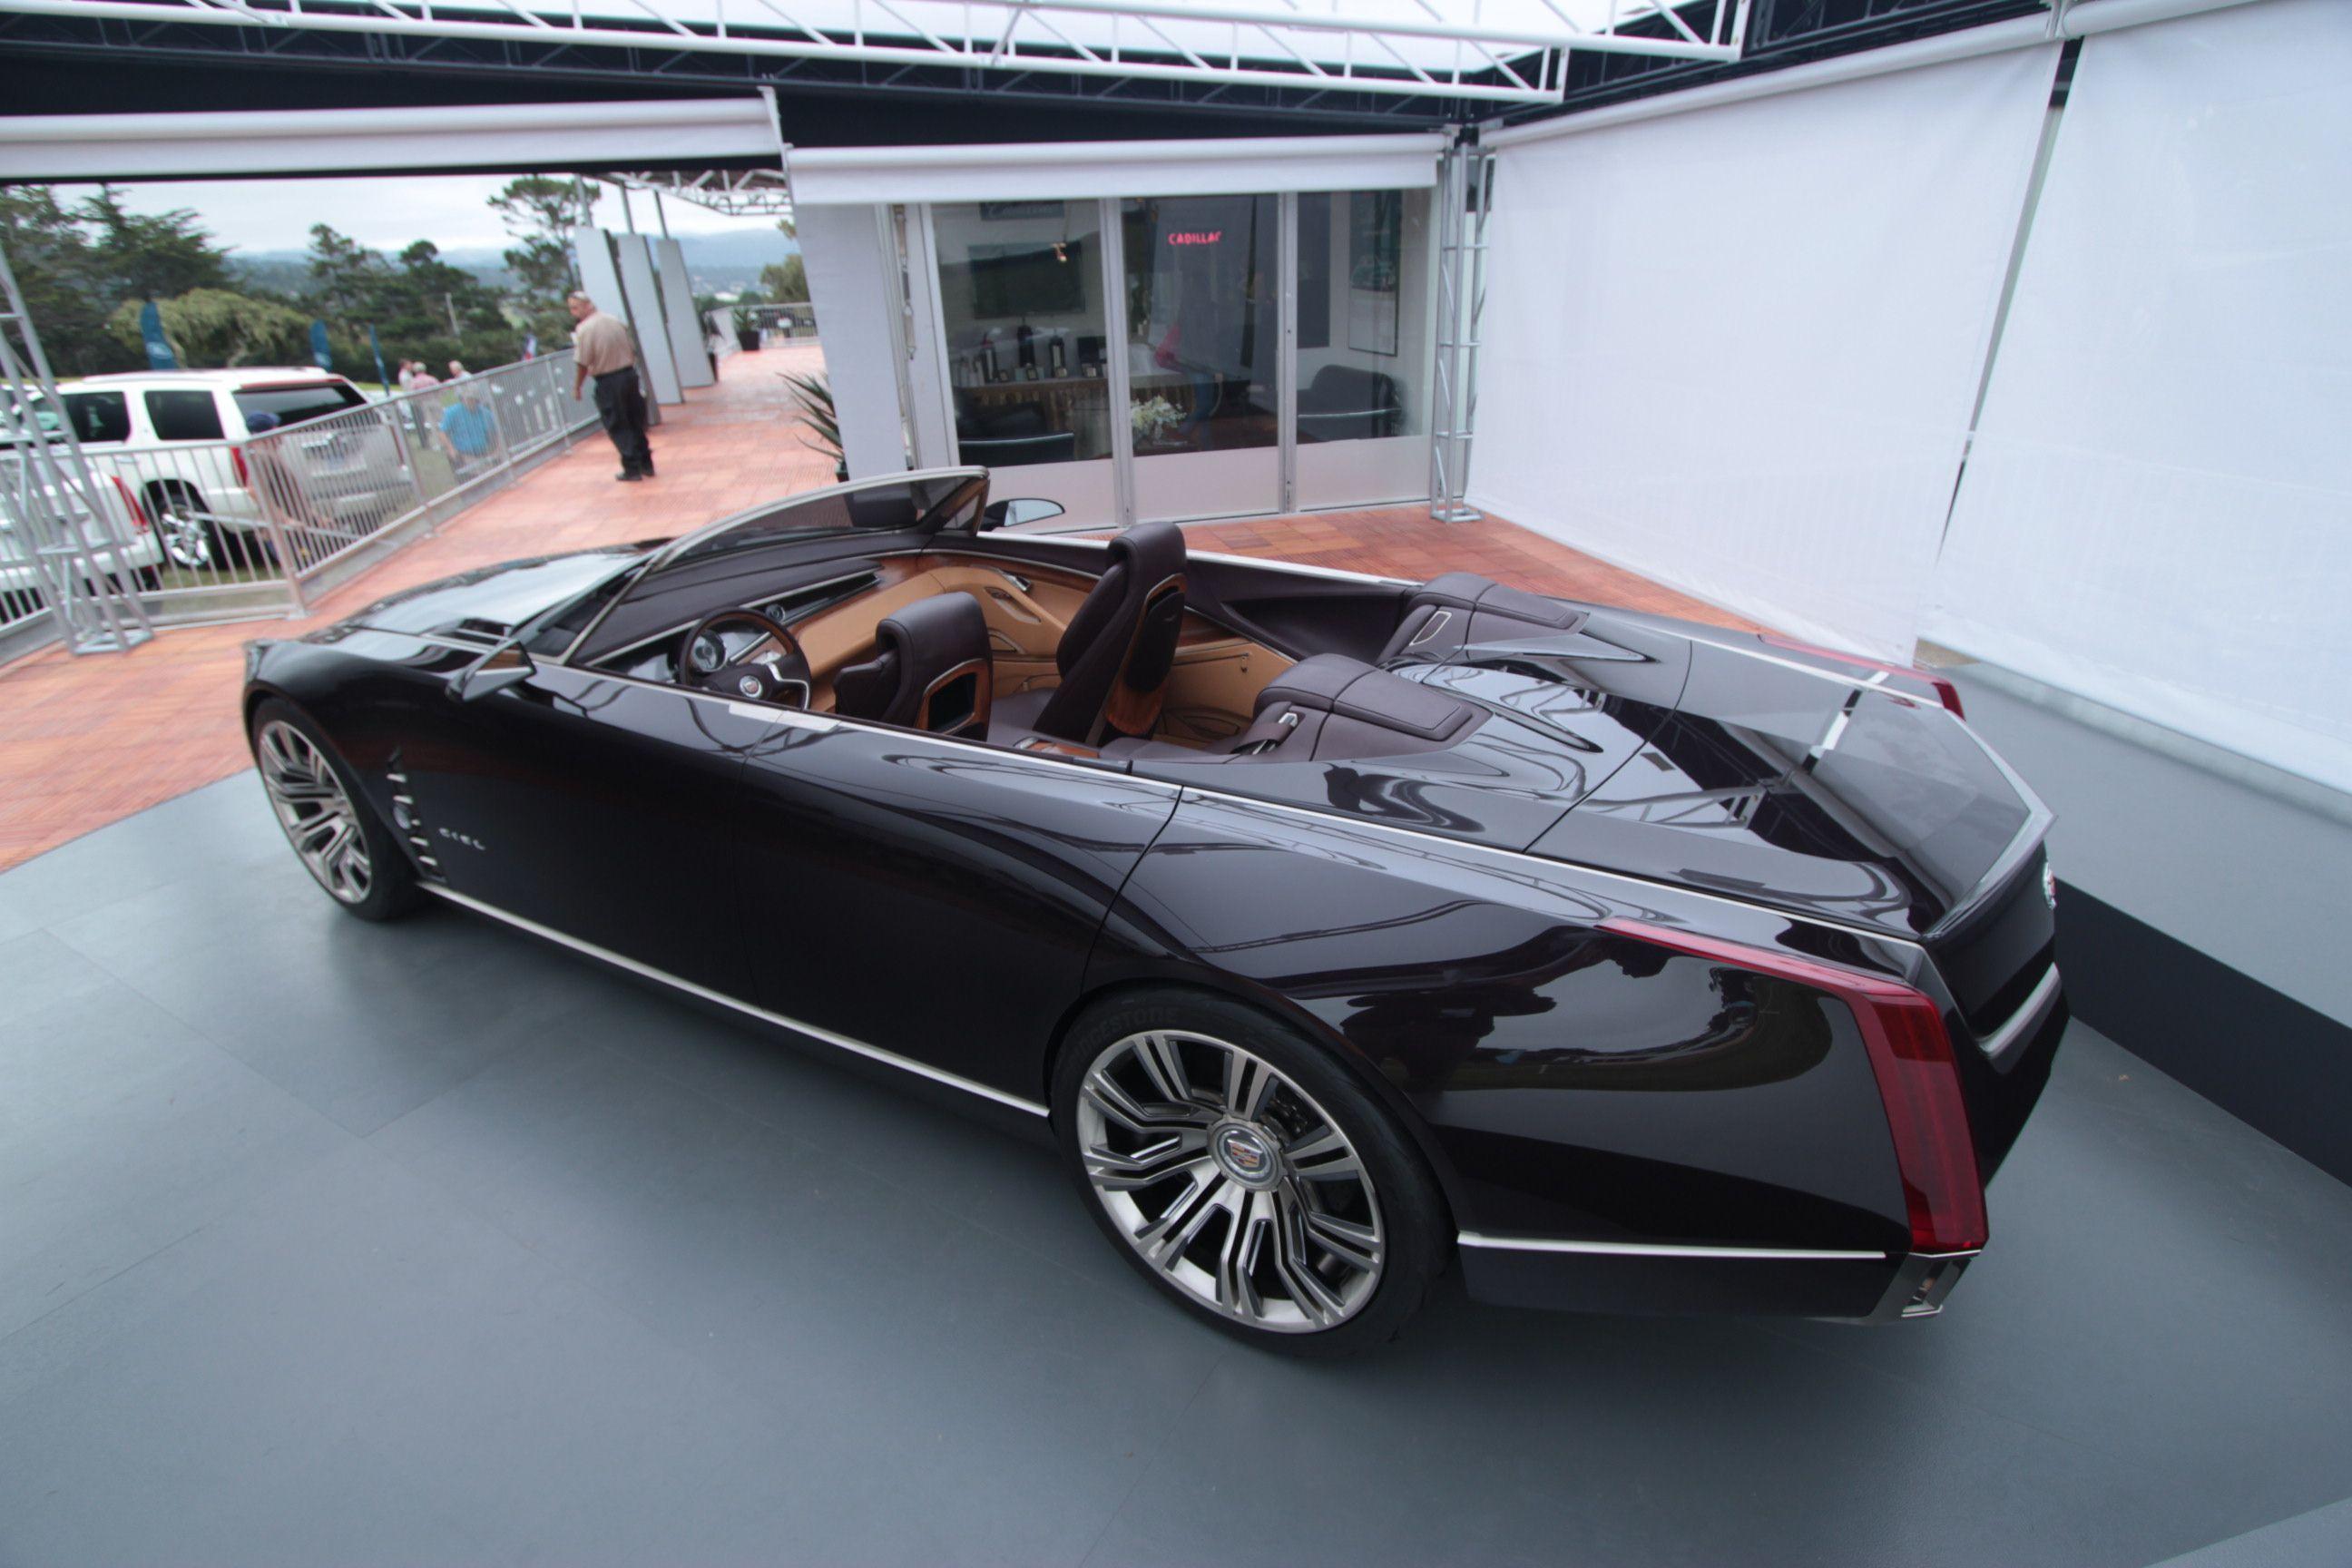 Cadillac Ciel Concept  Re: 1967 Cadillac Eldorado